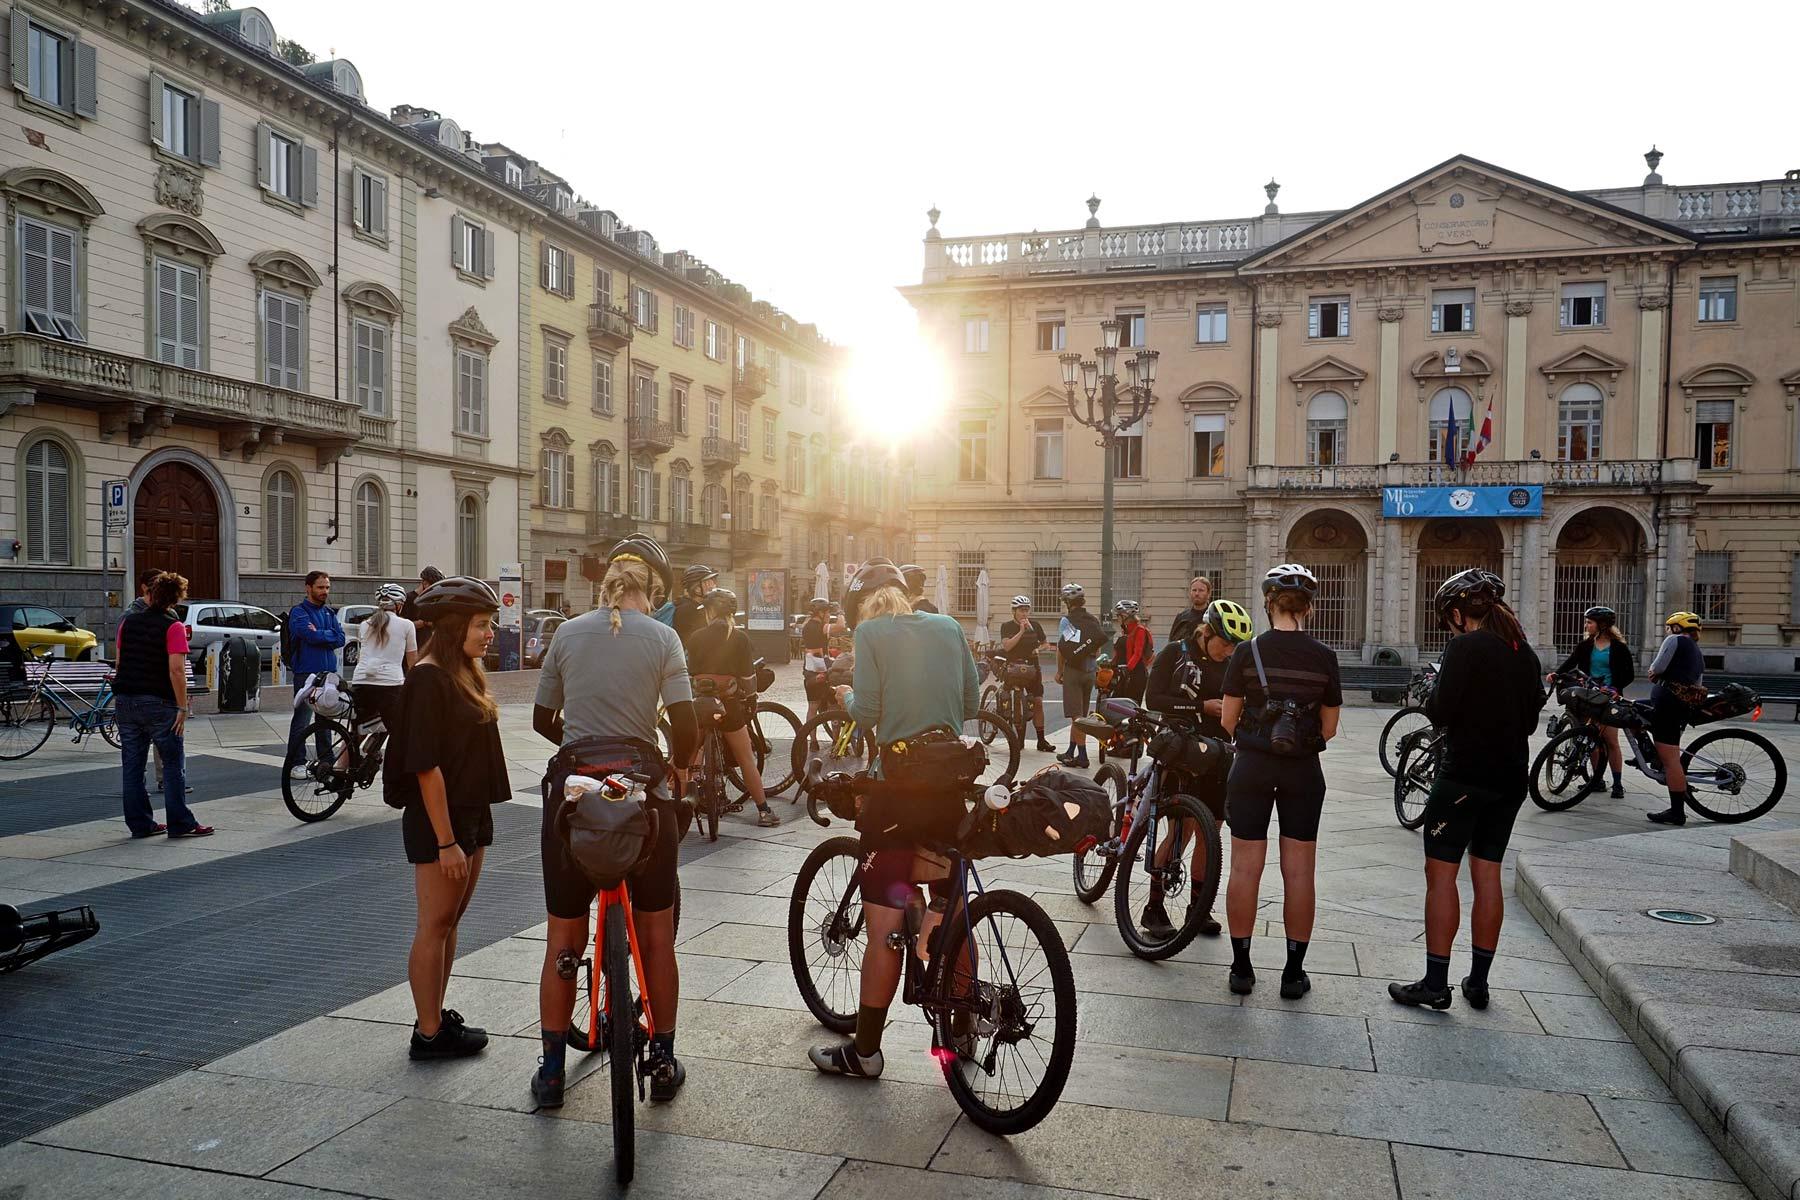 Friday Roundup: Kvinder Torino Nice eventyr, bakspejl, Win Campy Ekar eller en Ripmo og mere!